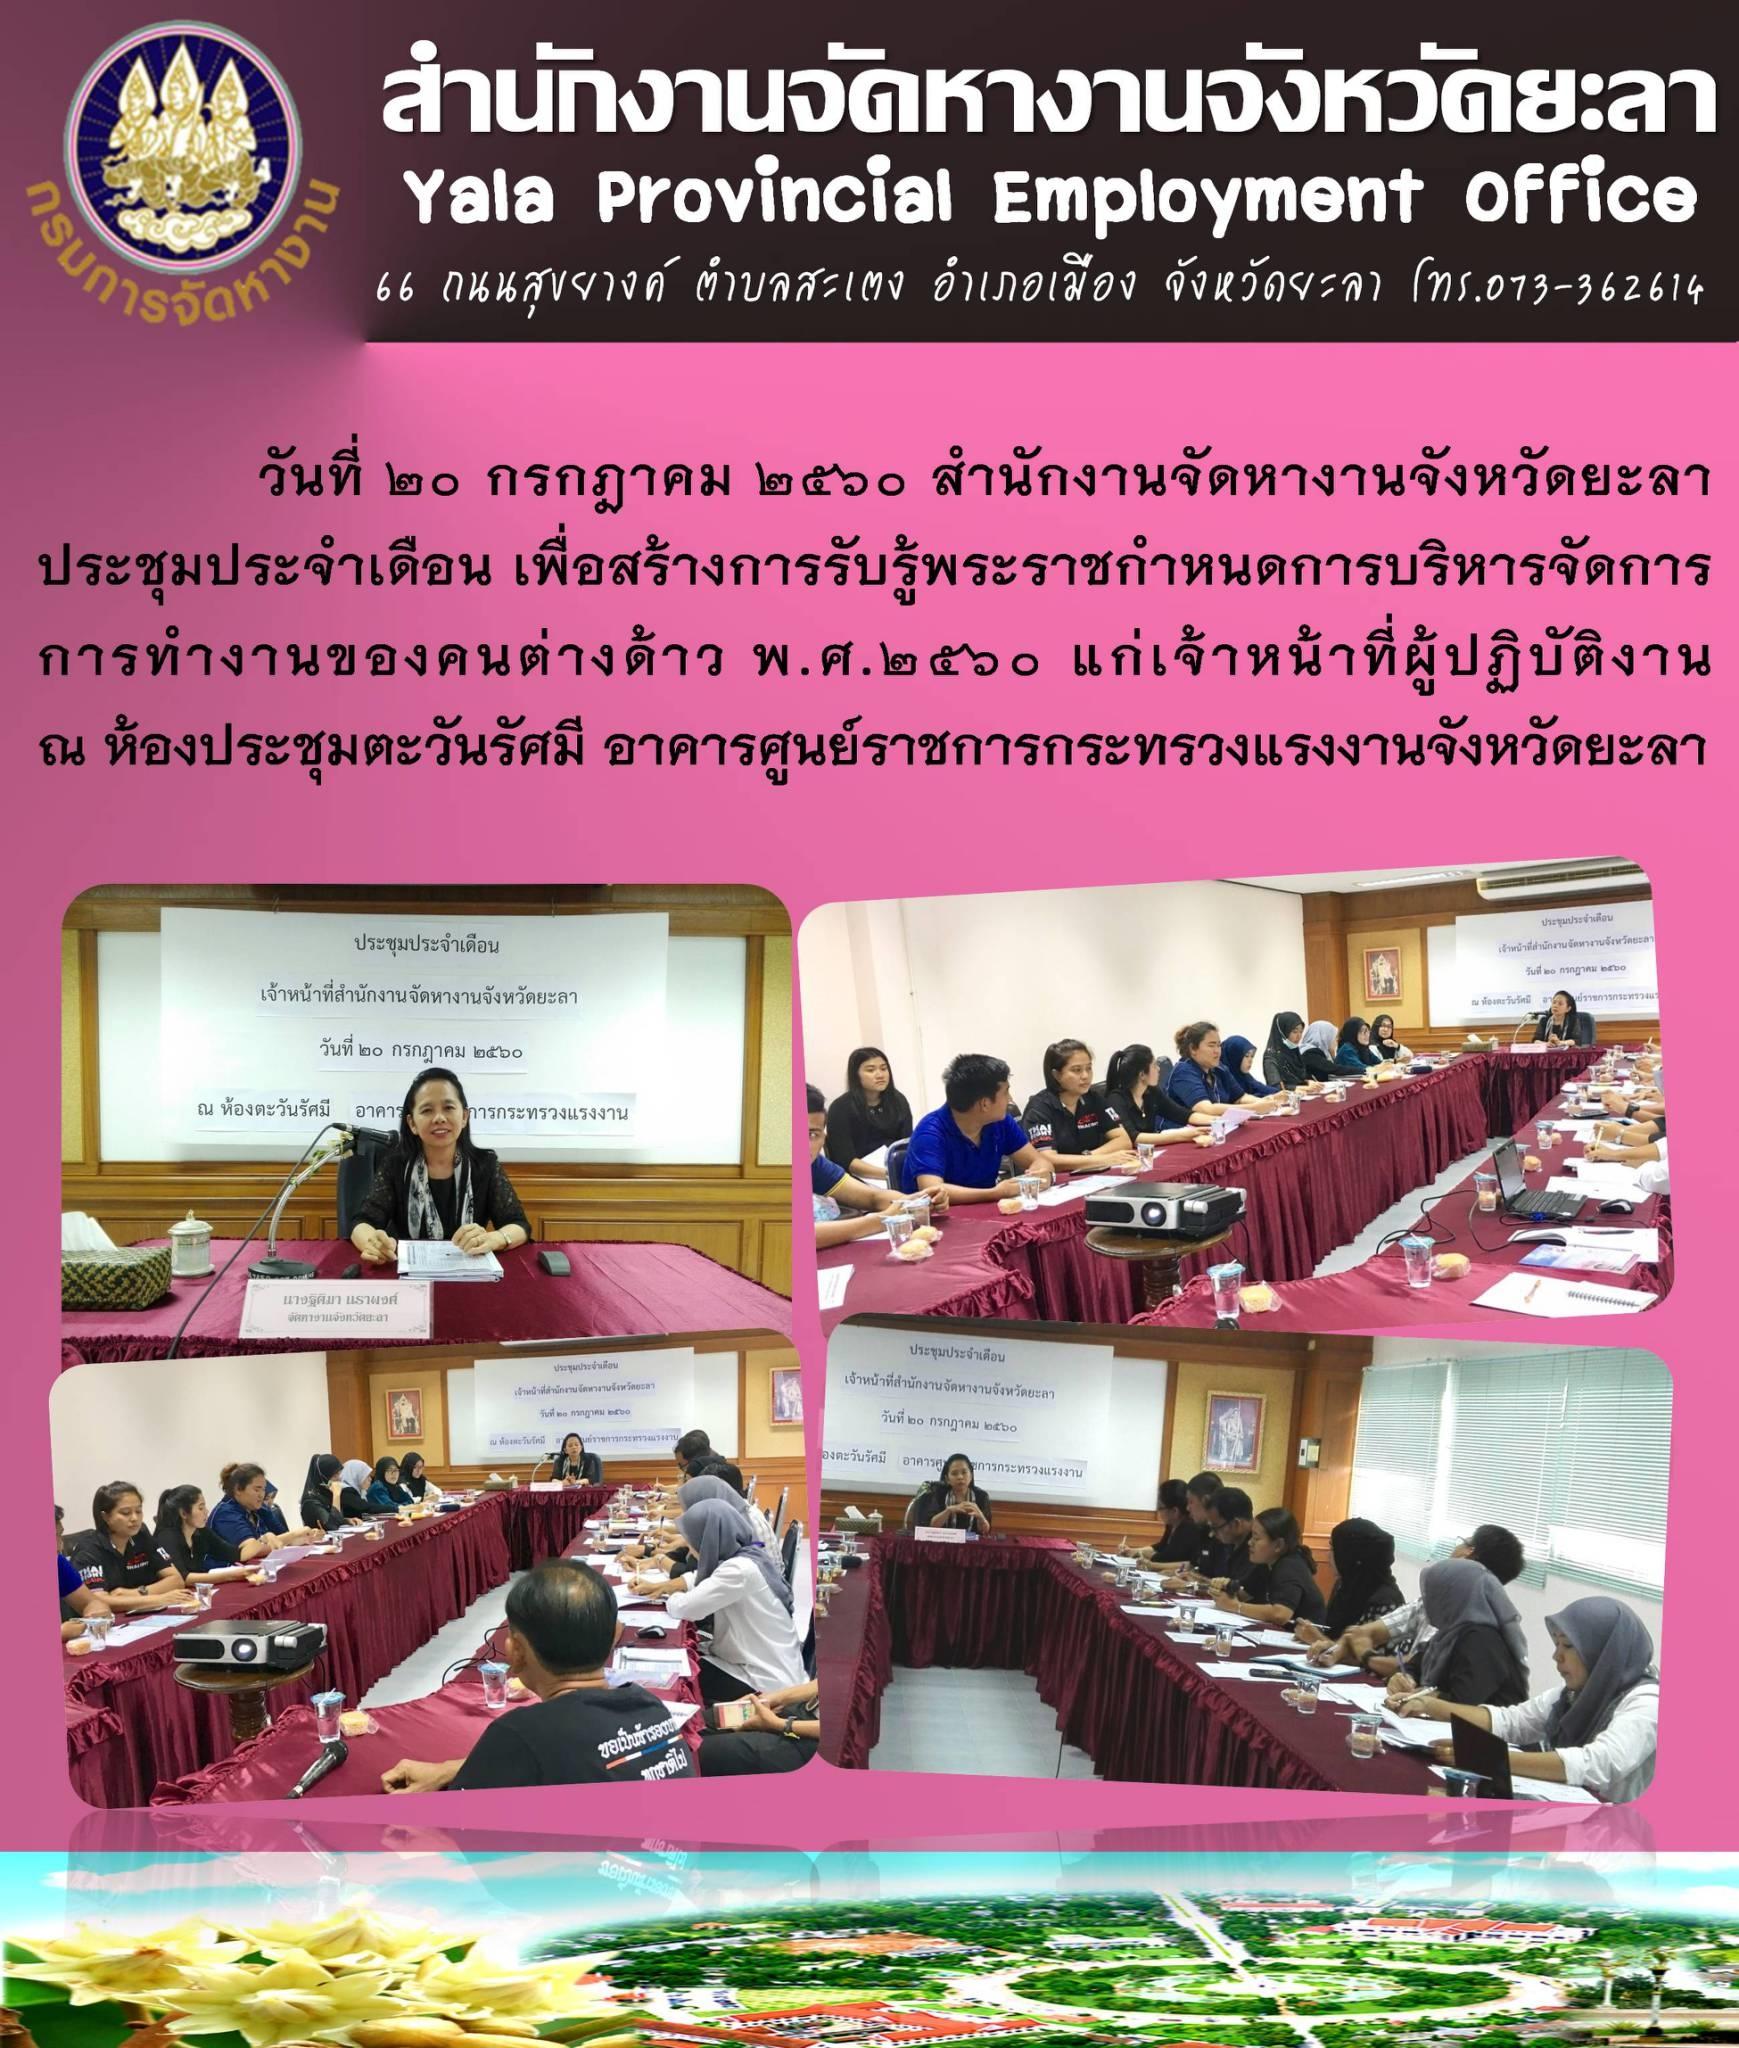 สำนักงานจัดหางานจังหวัดยะลา จัดประชุมเจ้าหน้าที่สำนักงานจัดหางาน ประจำเดือนกรกฎาคม 2560